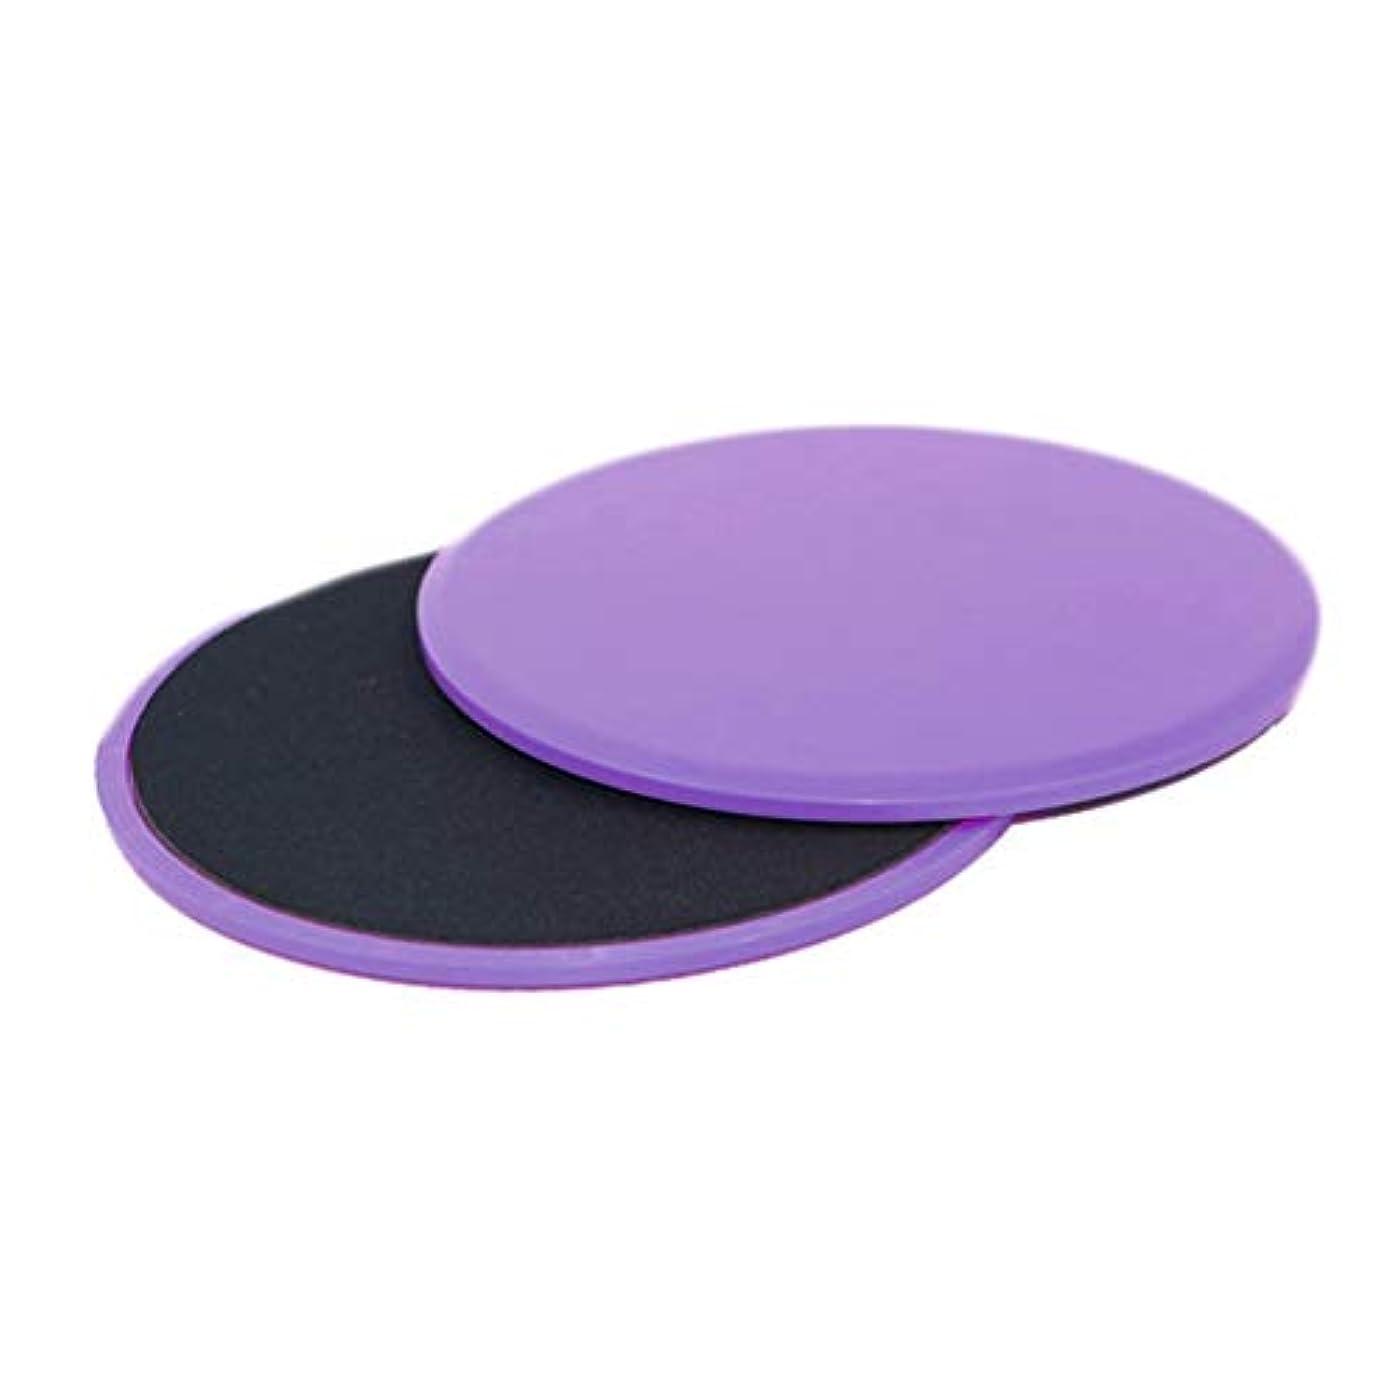 断片元に戻す同封するフィットネススライドグライディングディスク調整能力フィットネスエクササイズスライダーコアトレーニング腹部と全身トレーニング - パープル